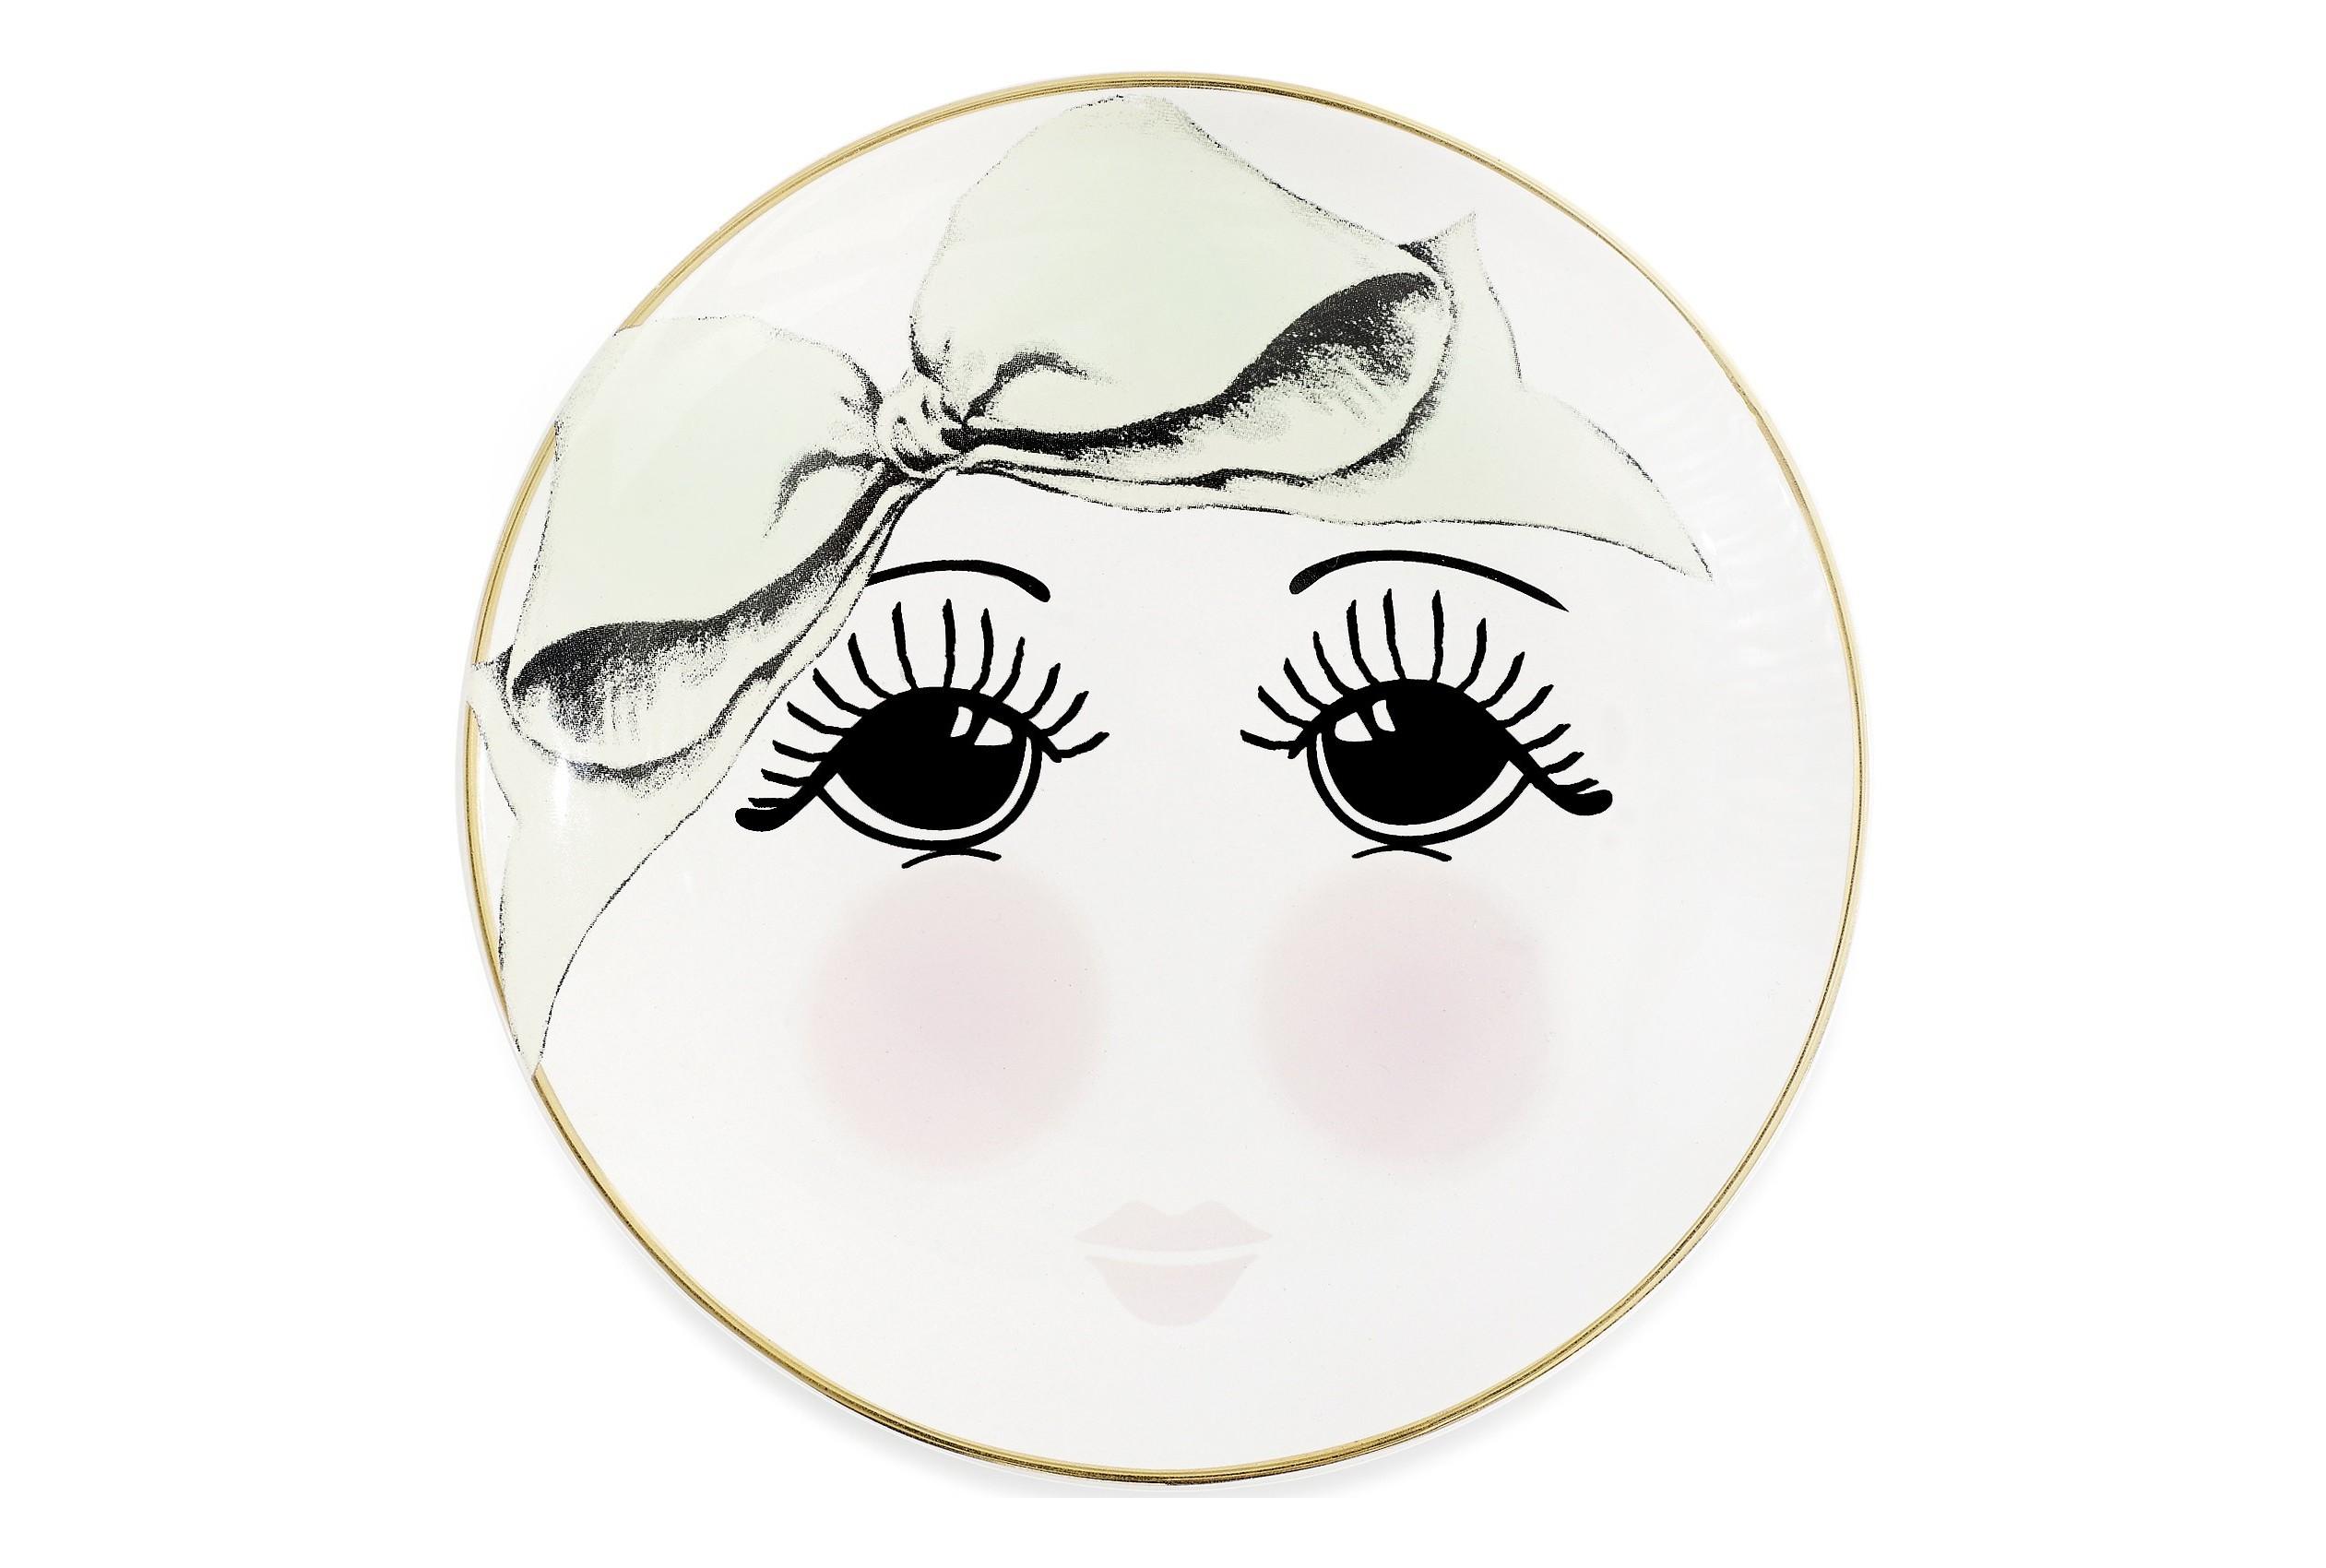 ТарелкаТарелки<br>Каждая тарелка от Miss Etoile создается с бережным отношением к деталям: очаровательные бантики, глазки, звездочки, горошки не оставят никого равнодушными, непременно поднимут настроения и оживят интерьер любой кухни! Их используют для сервировки стола, для приема пищи, и для украшения пространства вокруг вас. Выбирая тарелки от Miss Etoile, вы дарите своему дому особую атмосферу красоты и уюта!<br><br>Material: Керамика<br>Высота см: 2